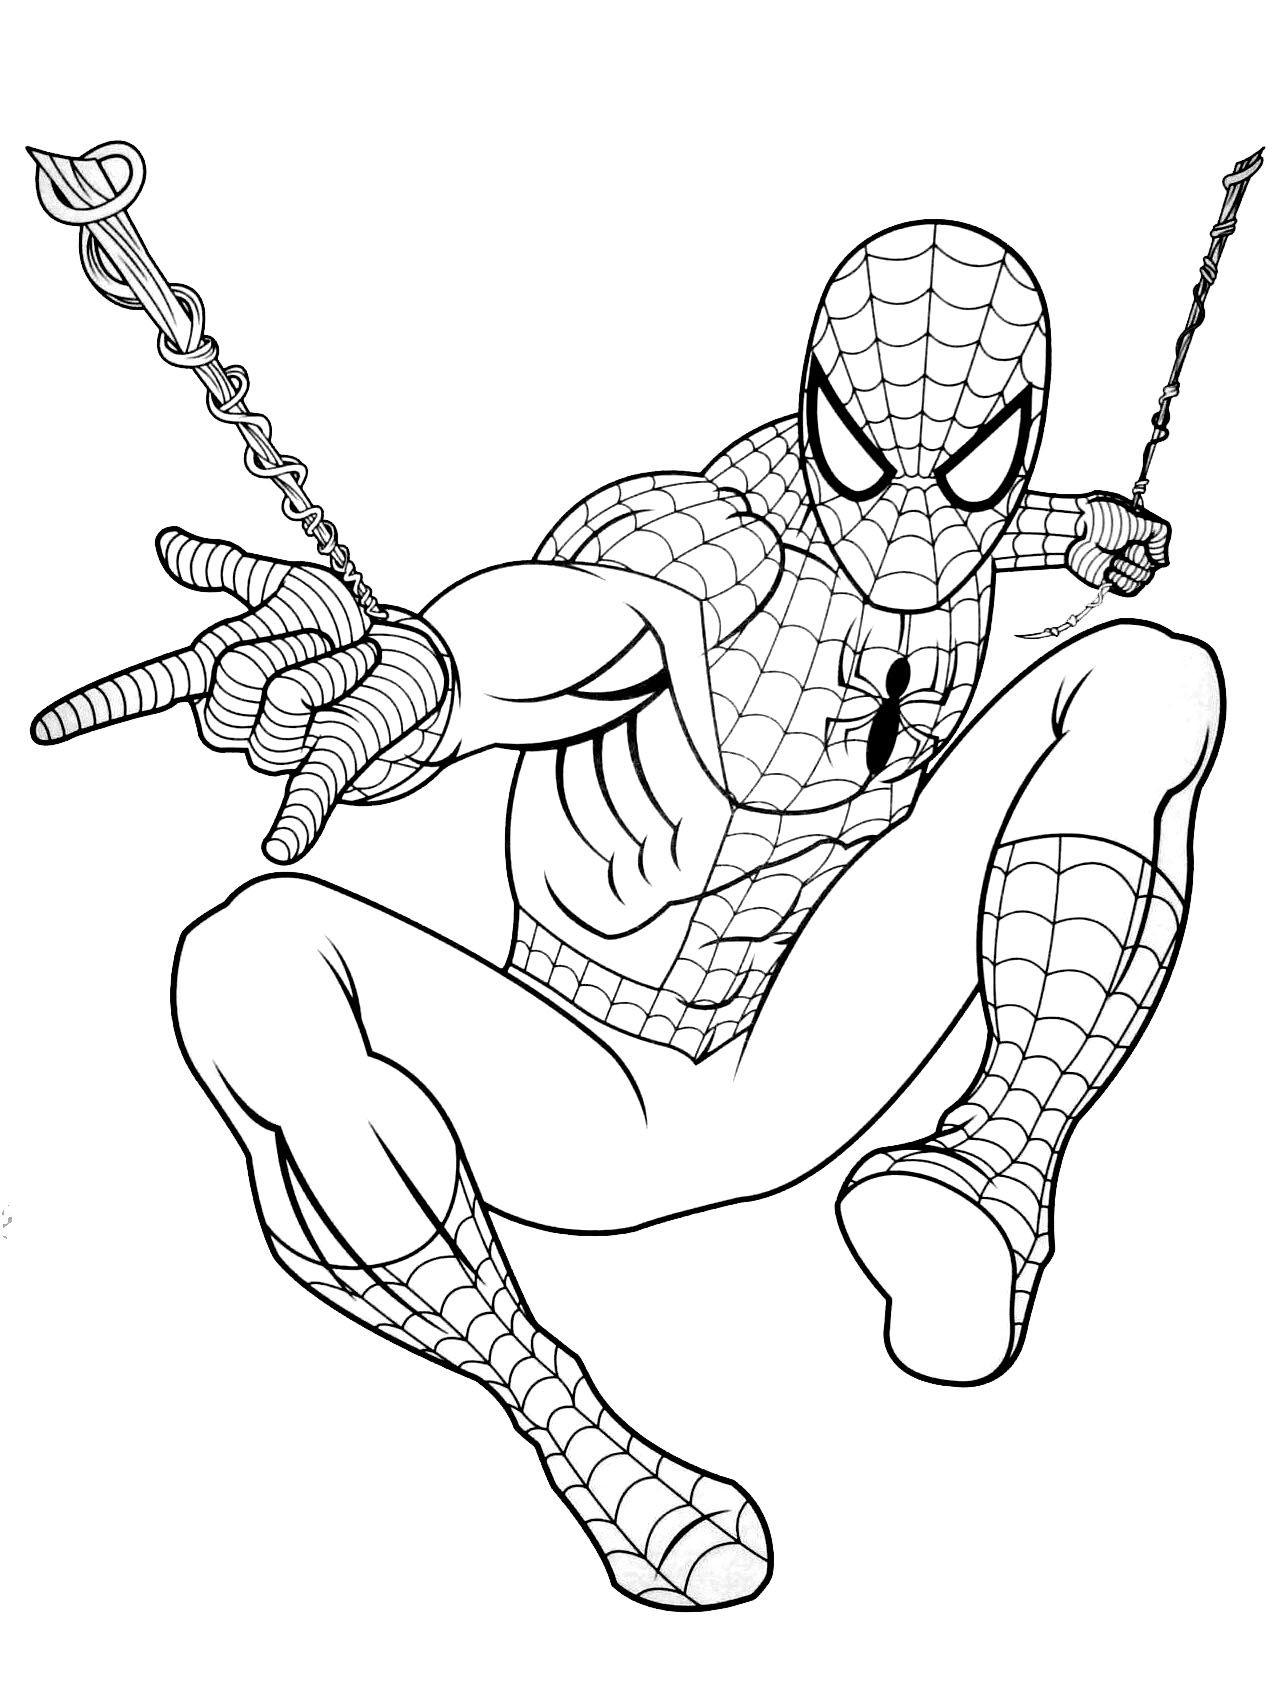 Coloriage Spiderman Gratuit À Colorier - Dessin À Imprimer pour Modele De Dessin Gratuit